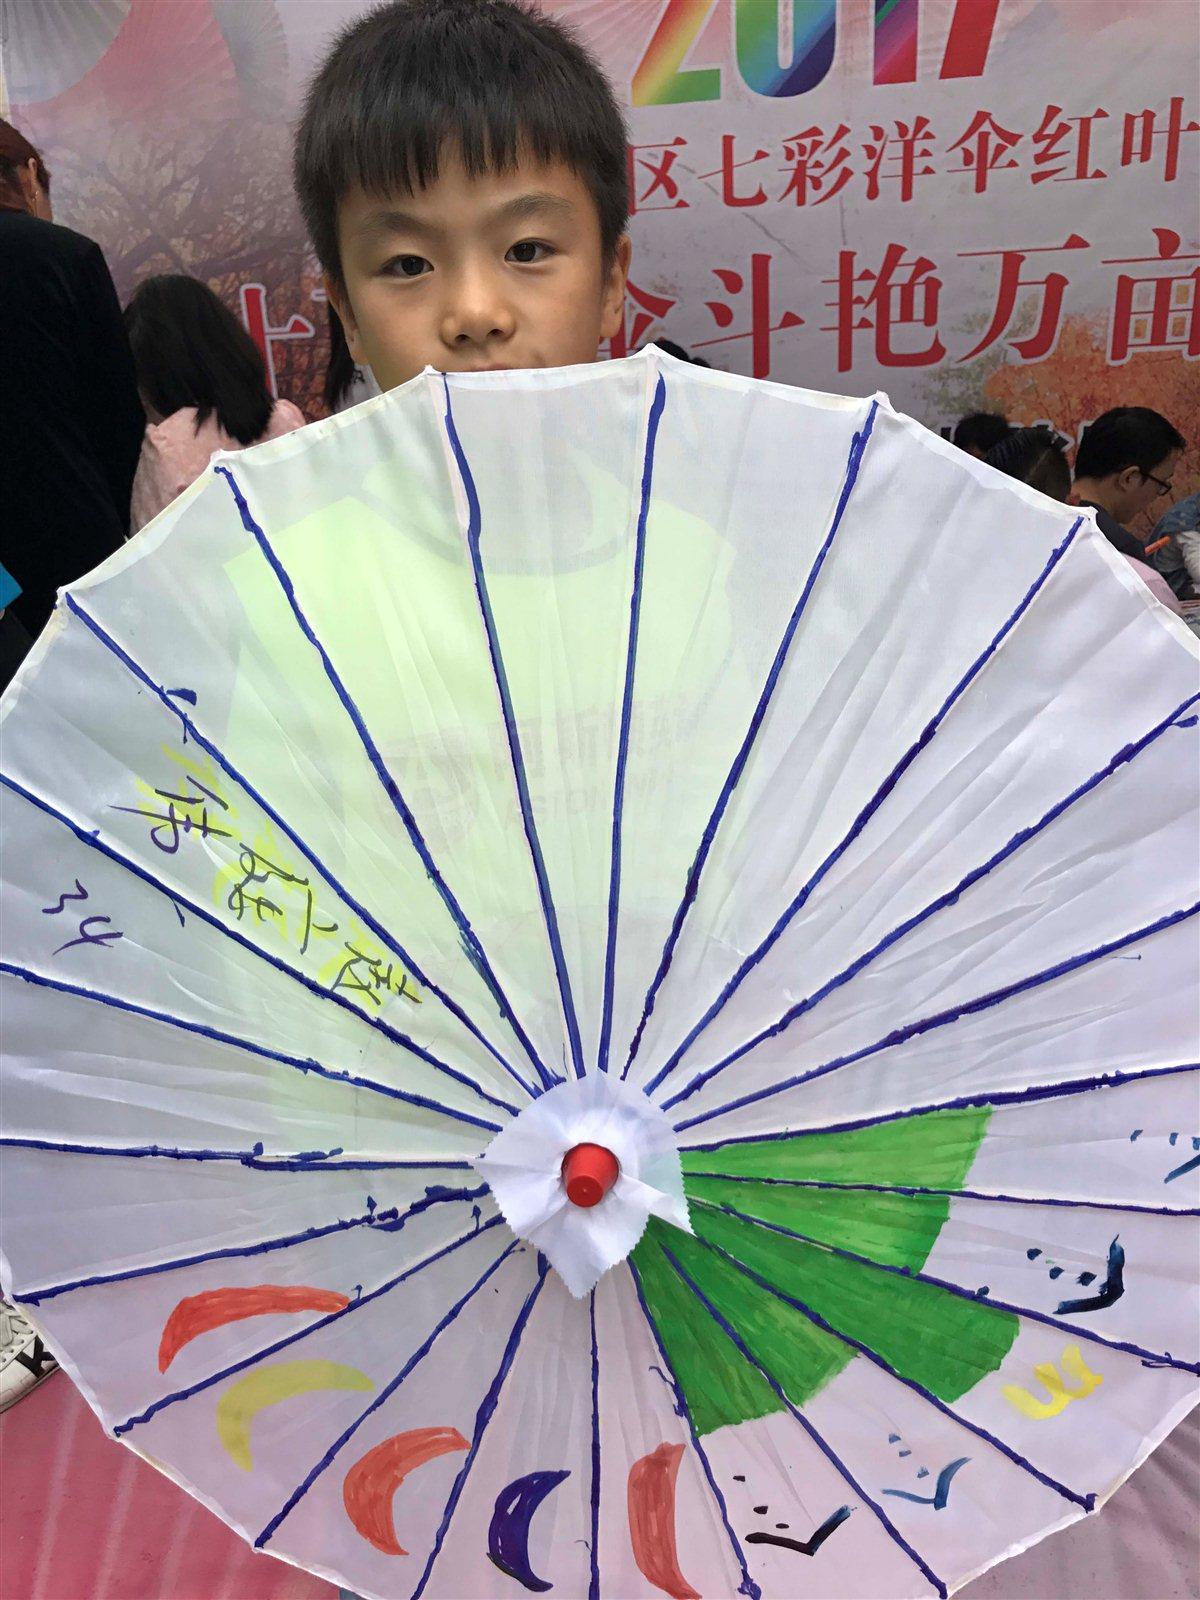 趙廷偉_diy洋傘,畫畫,曬照,贏大獎!_漢中在線